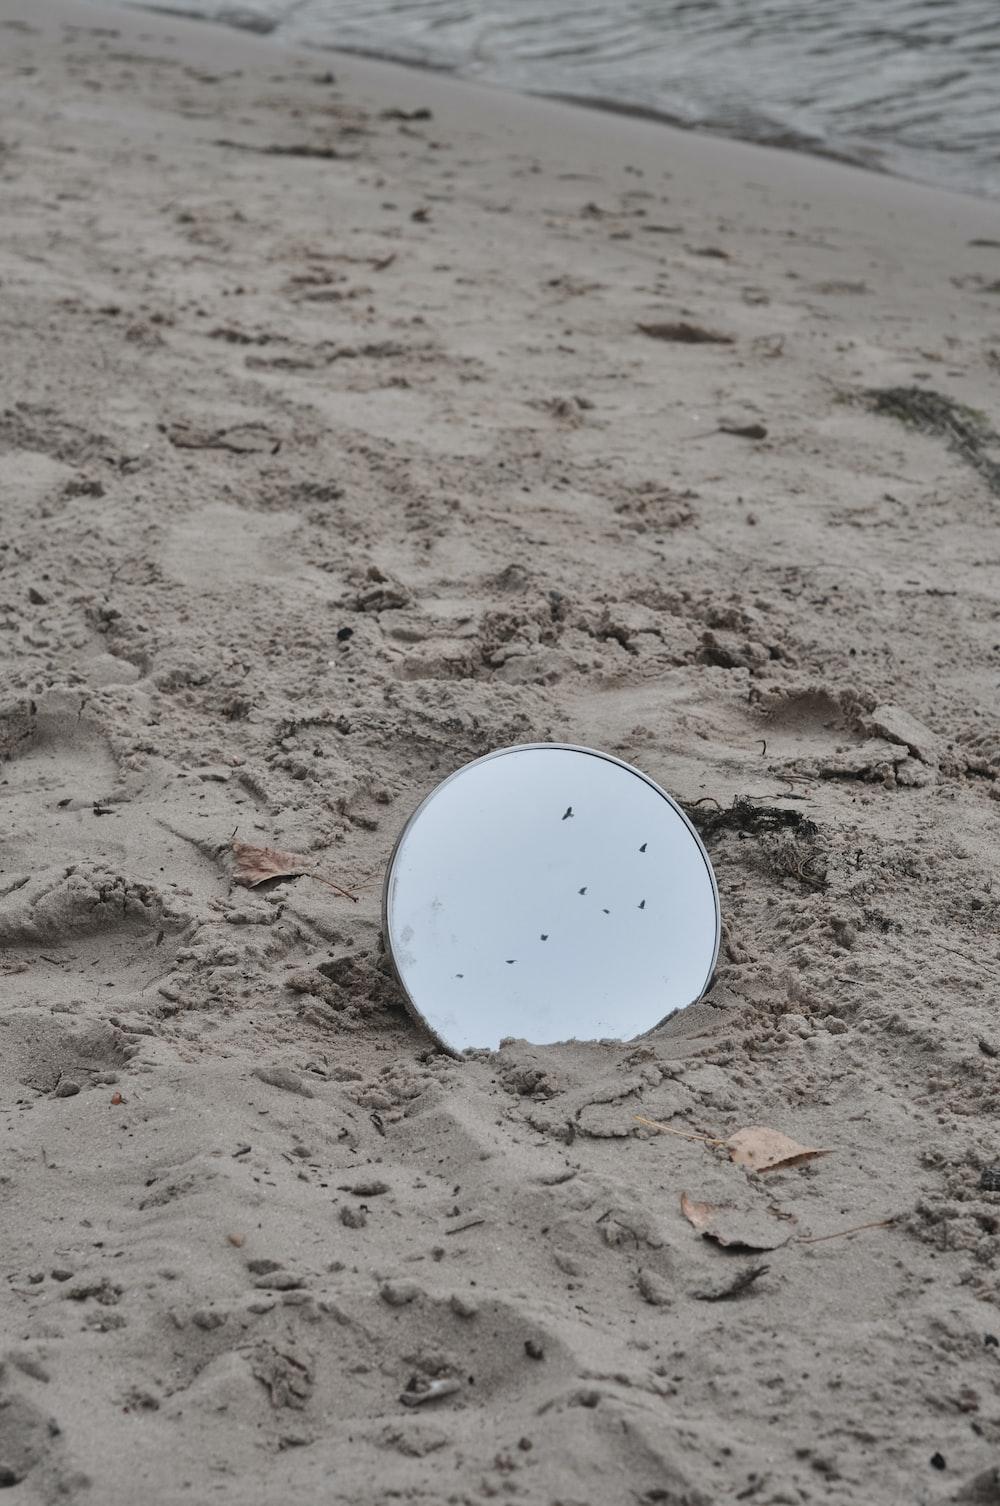 white round plastic on brown soil